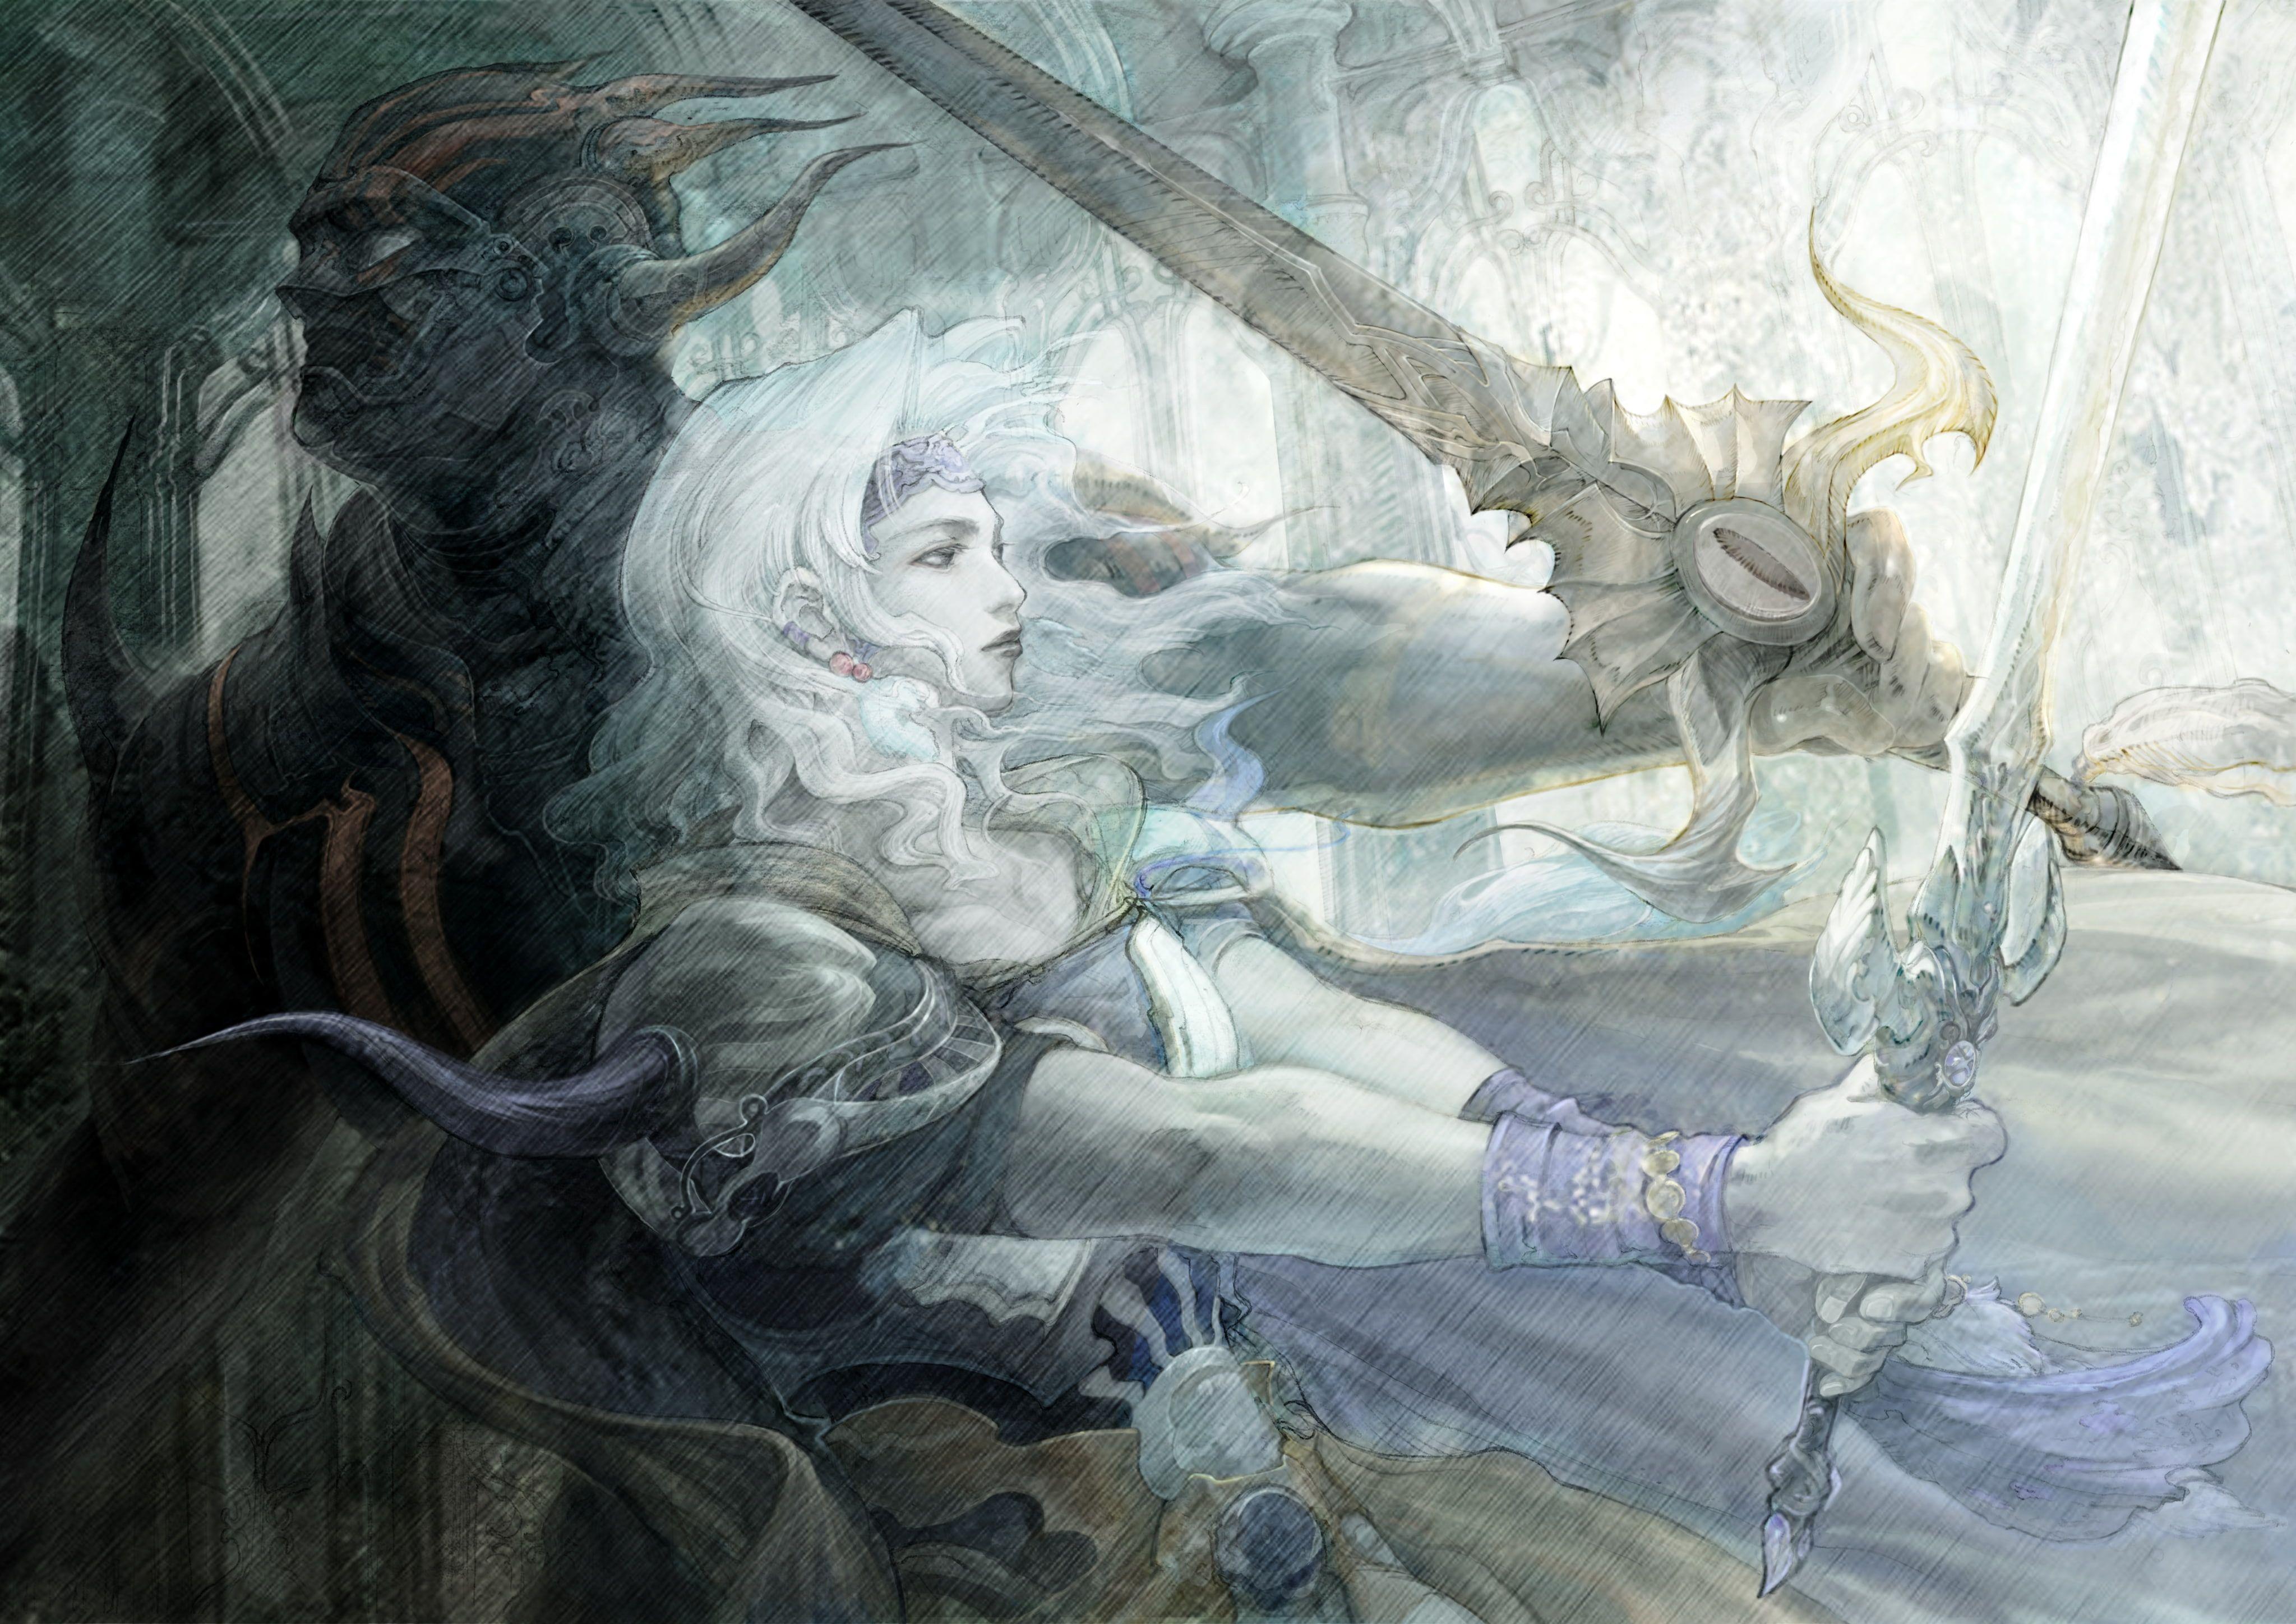 Fantasy Art Yoshitaka Amano 4095x2896 Abstract Fantasy Hd Art Fantasy Art Yoshitaka Amano 4k Wallpaper Final Fantasy Artwork Final Fantasy Iv Final Fantasy